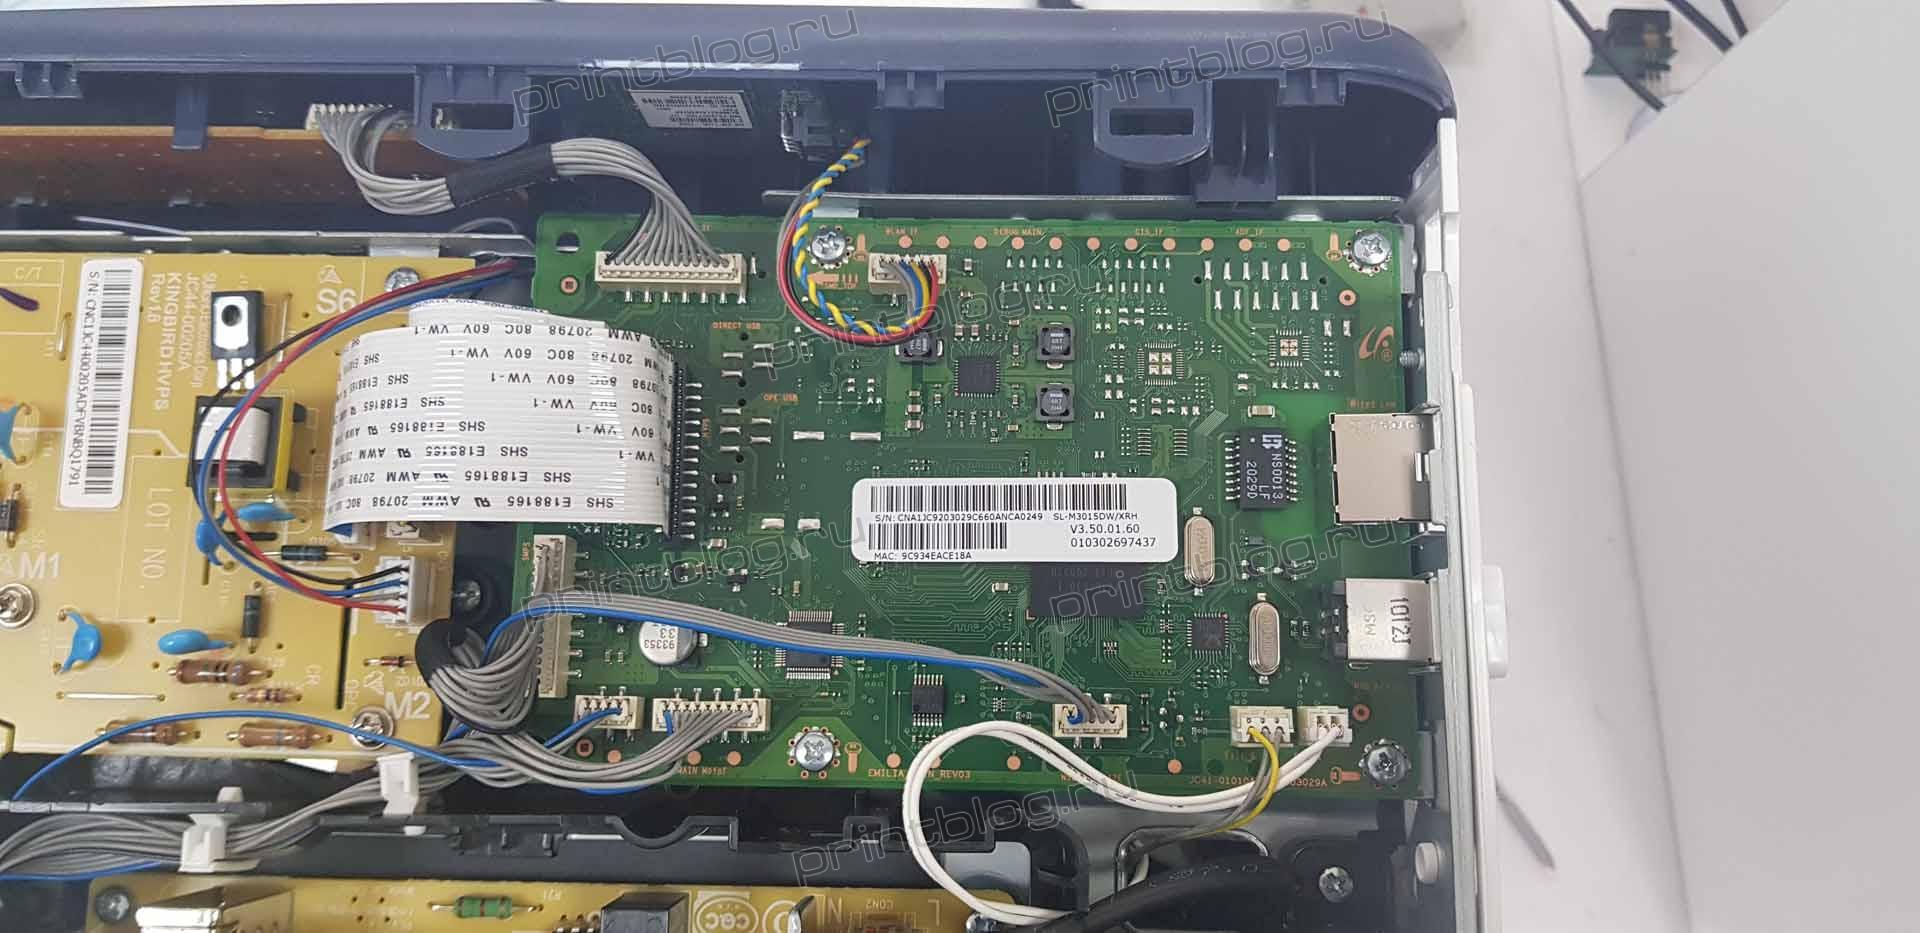 Понижение версии прошивки в Xerox B205, B210, B215 на примере B210. Пайка и прошивка NAND. Рекомендации, личный опыт